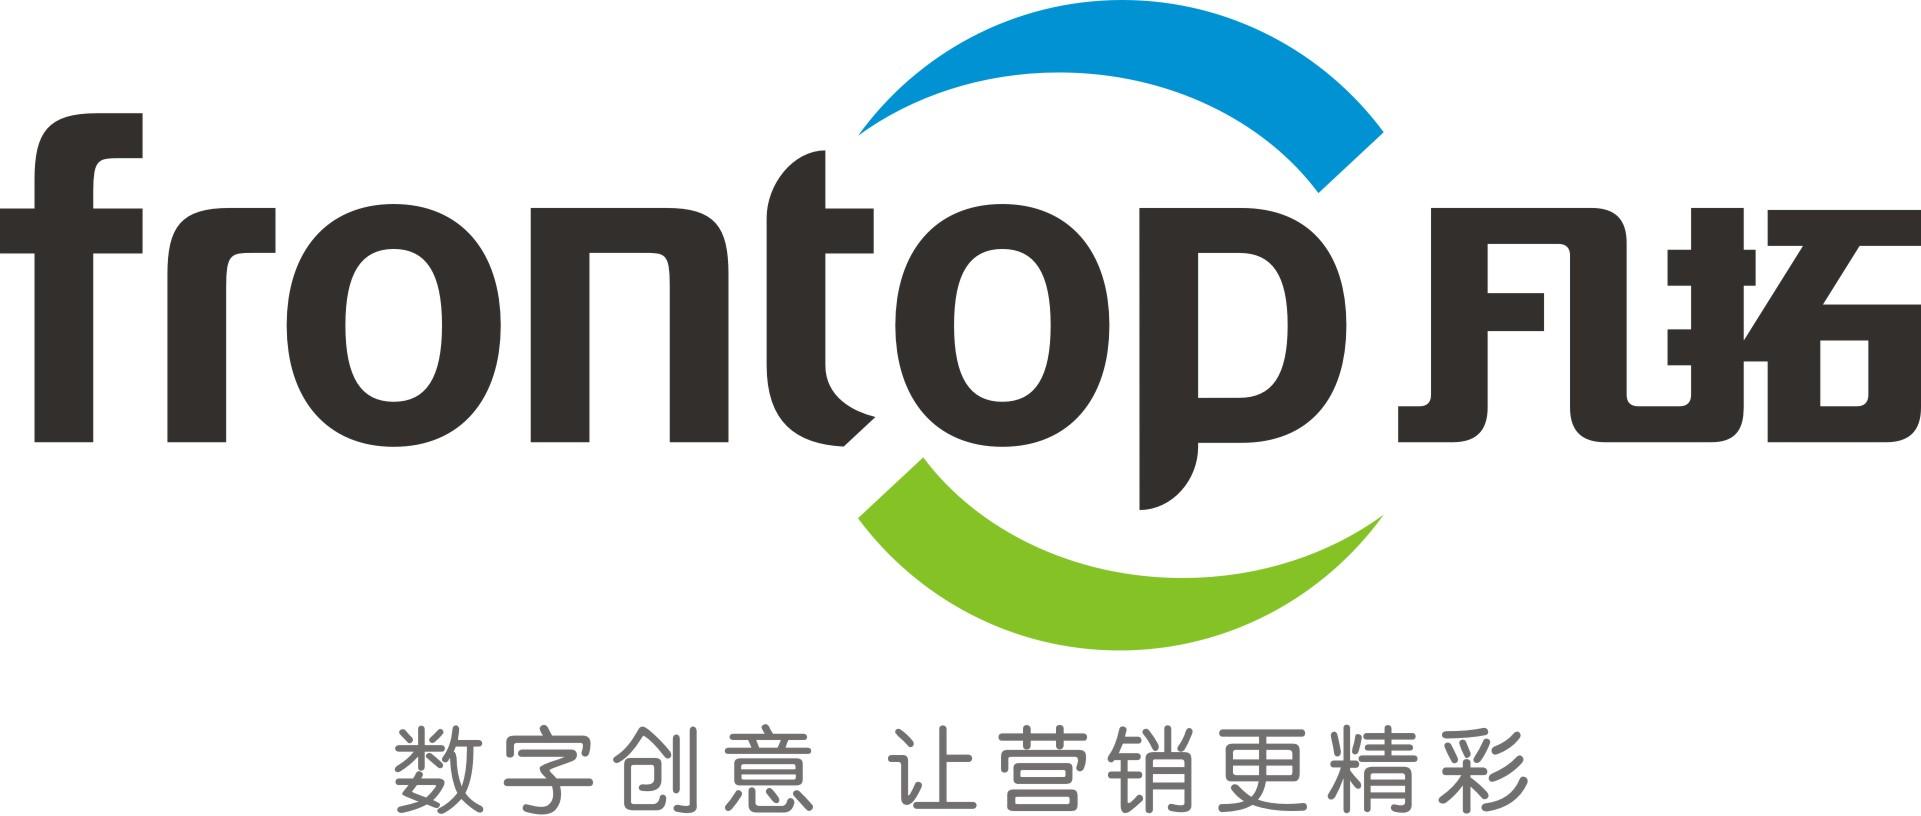 广州凡拓数字创意科技股份有限公司